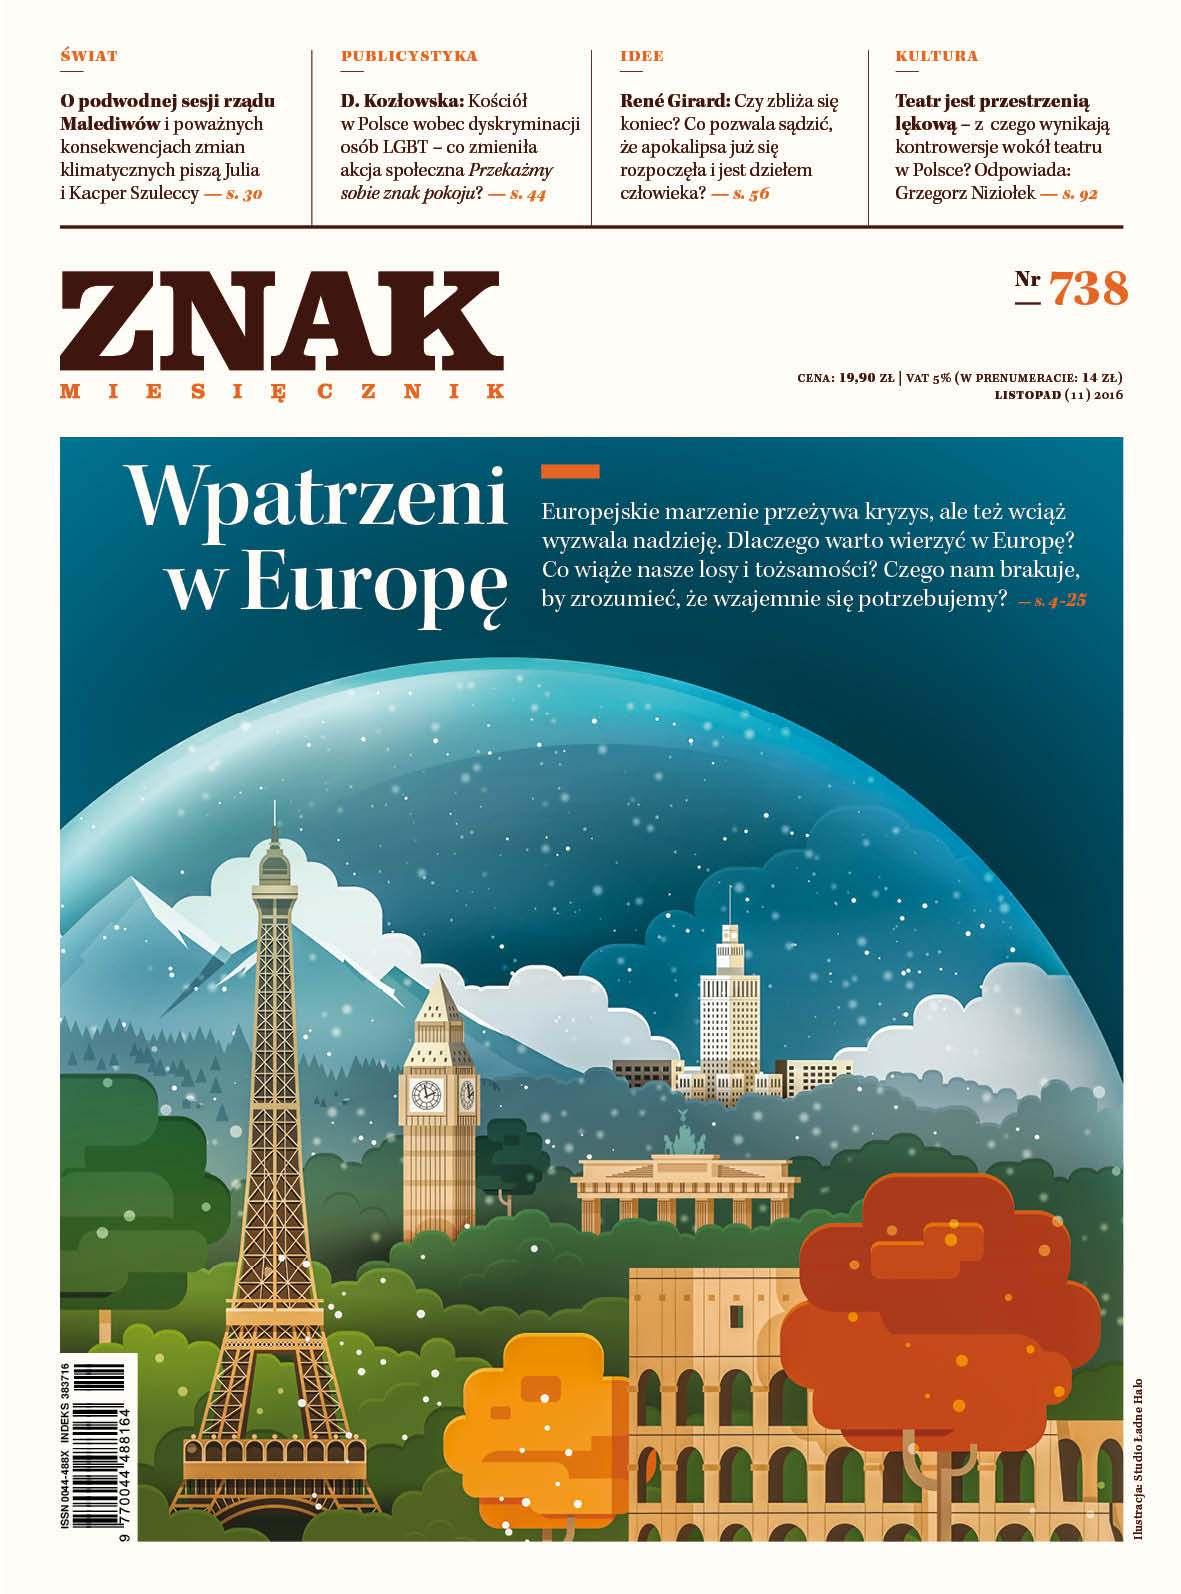 Miesięcznik Znak nr 738: Wpatrzeni w Europę - Ebook (Książka EPUB) do pobrania w formacie EPUB